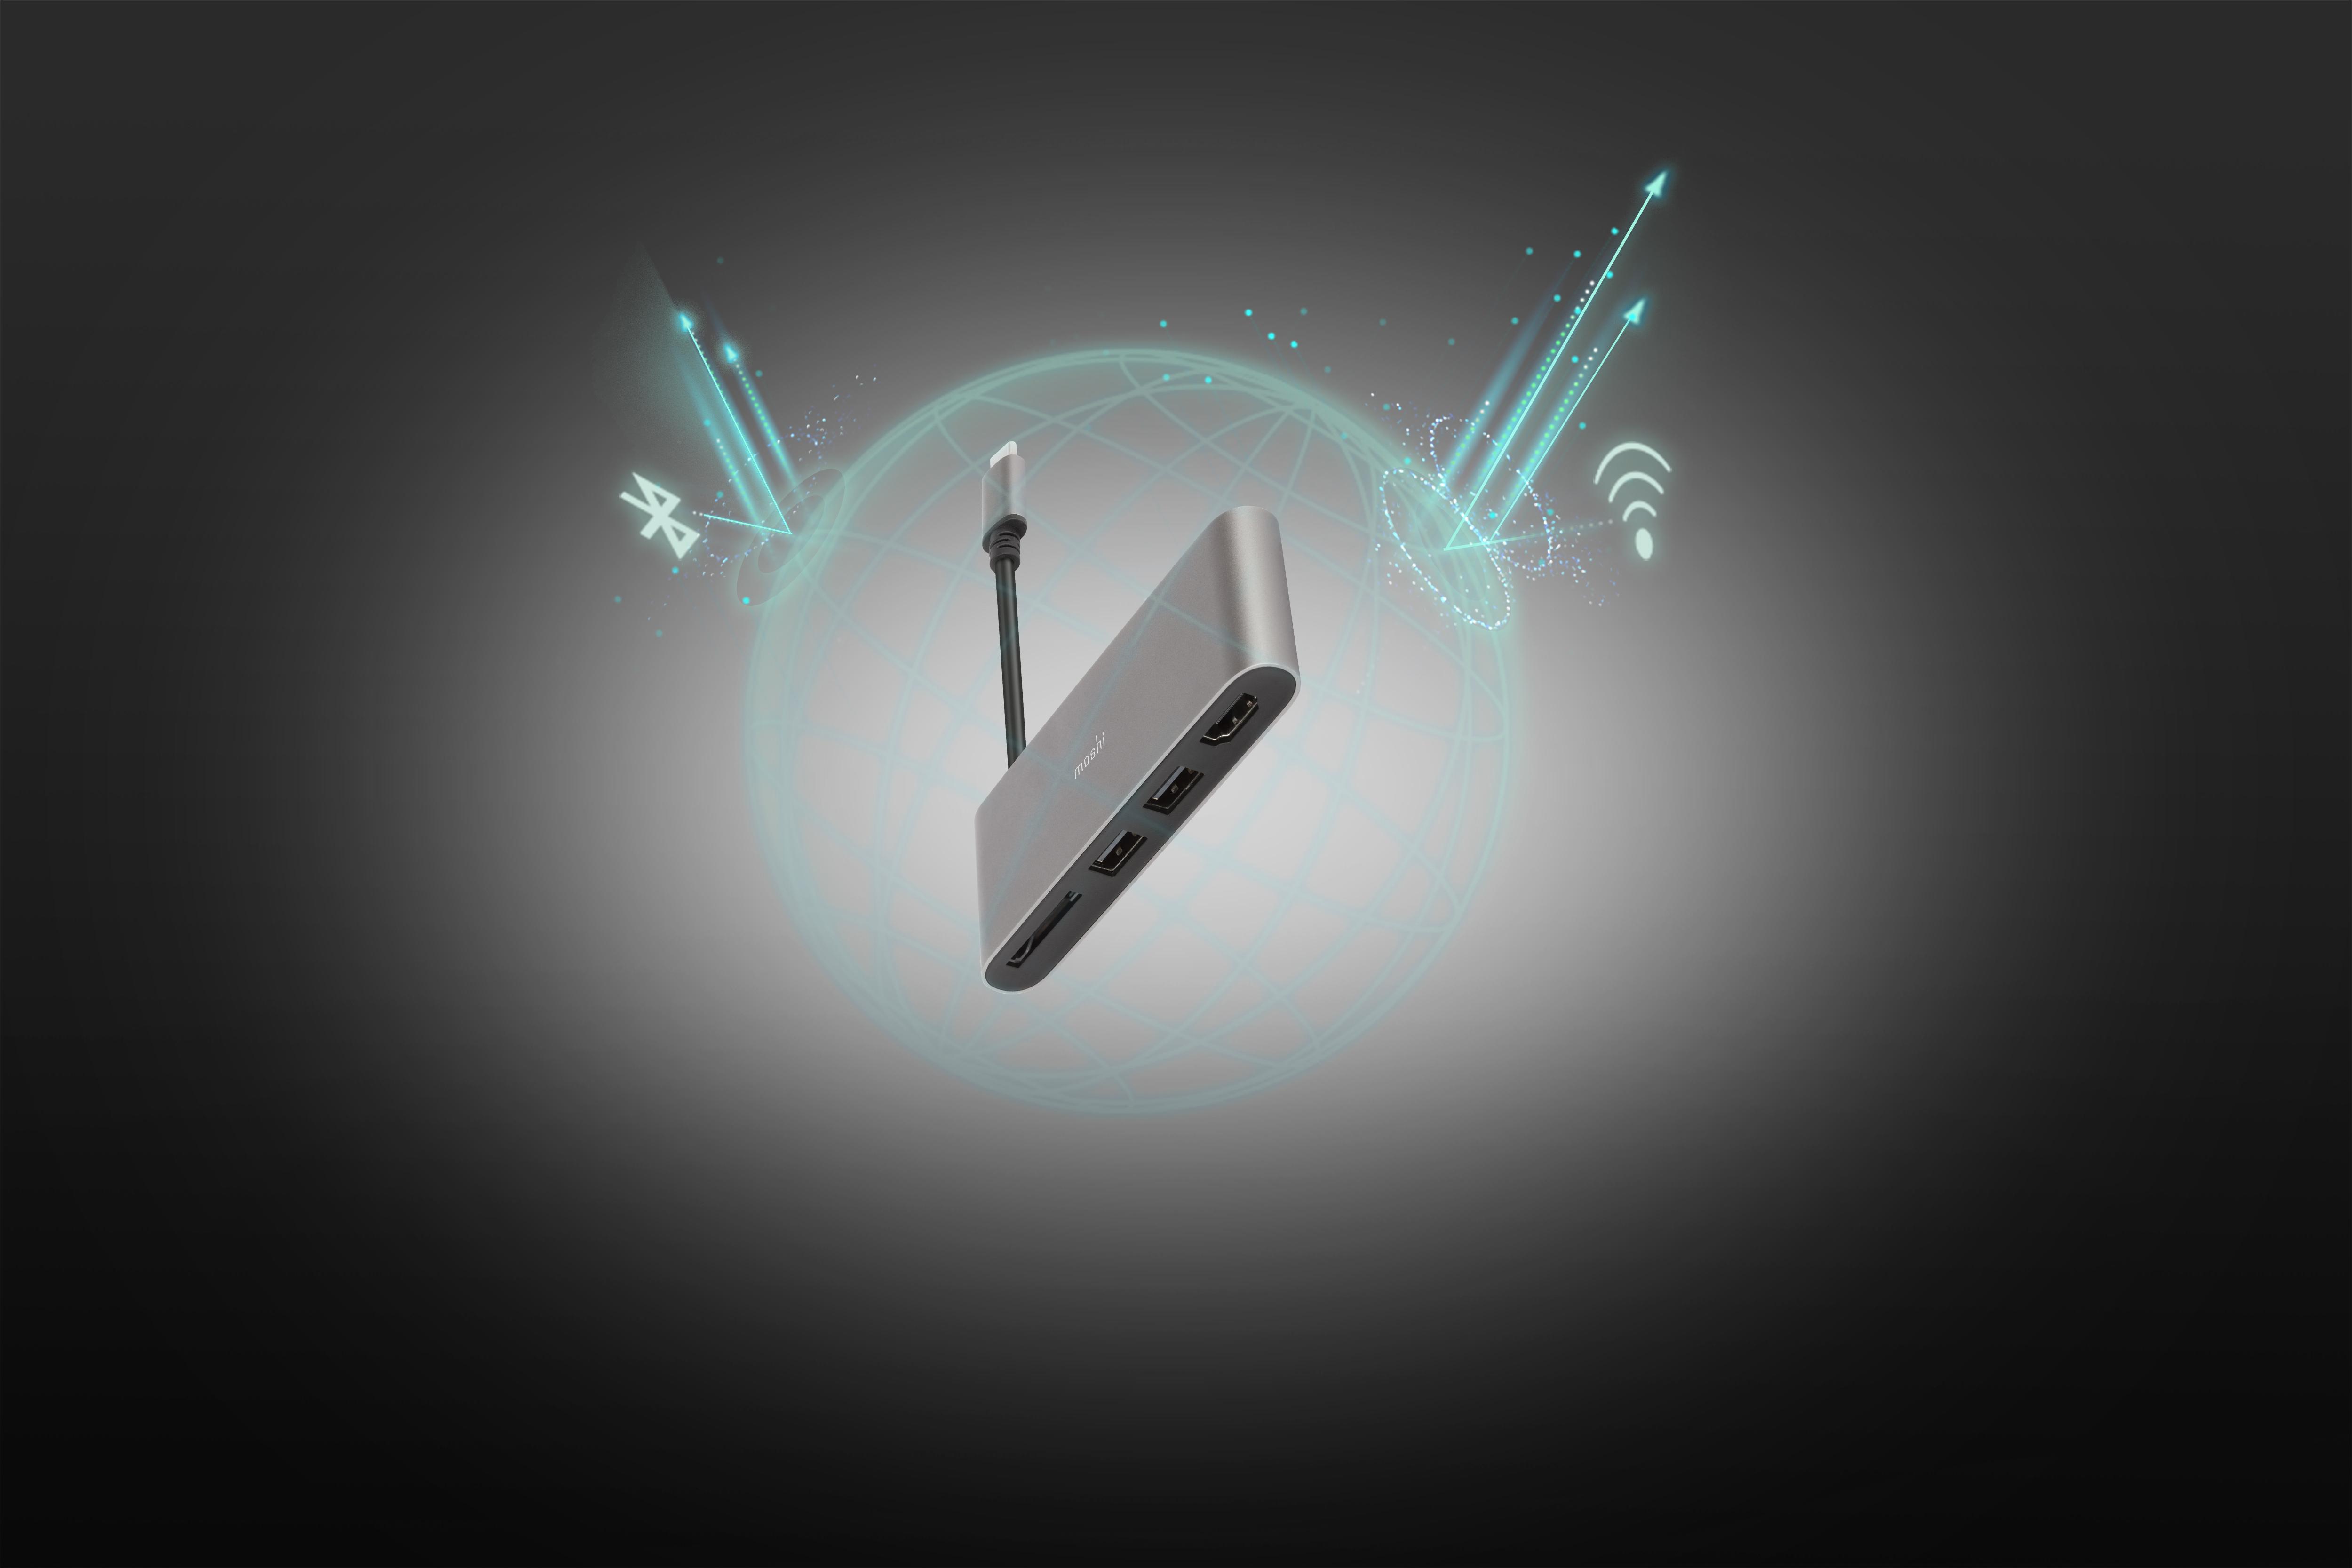 航空機仕様アルミニウムが電磁波干渉を抑制し、質感もアップ。